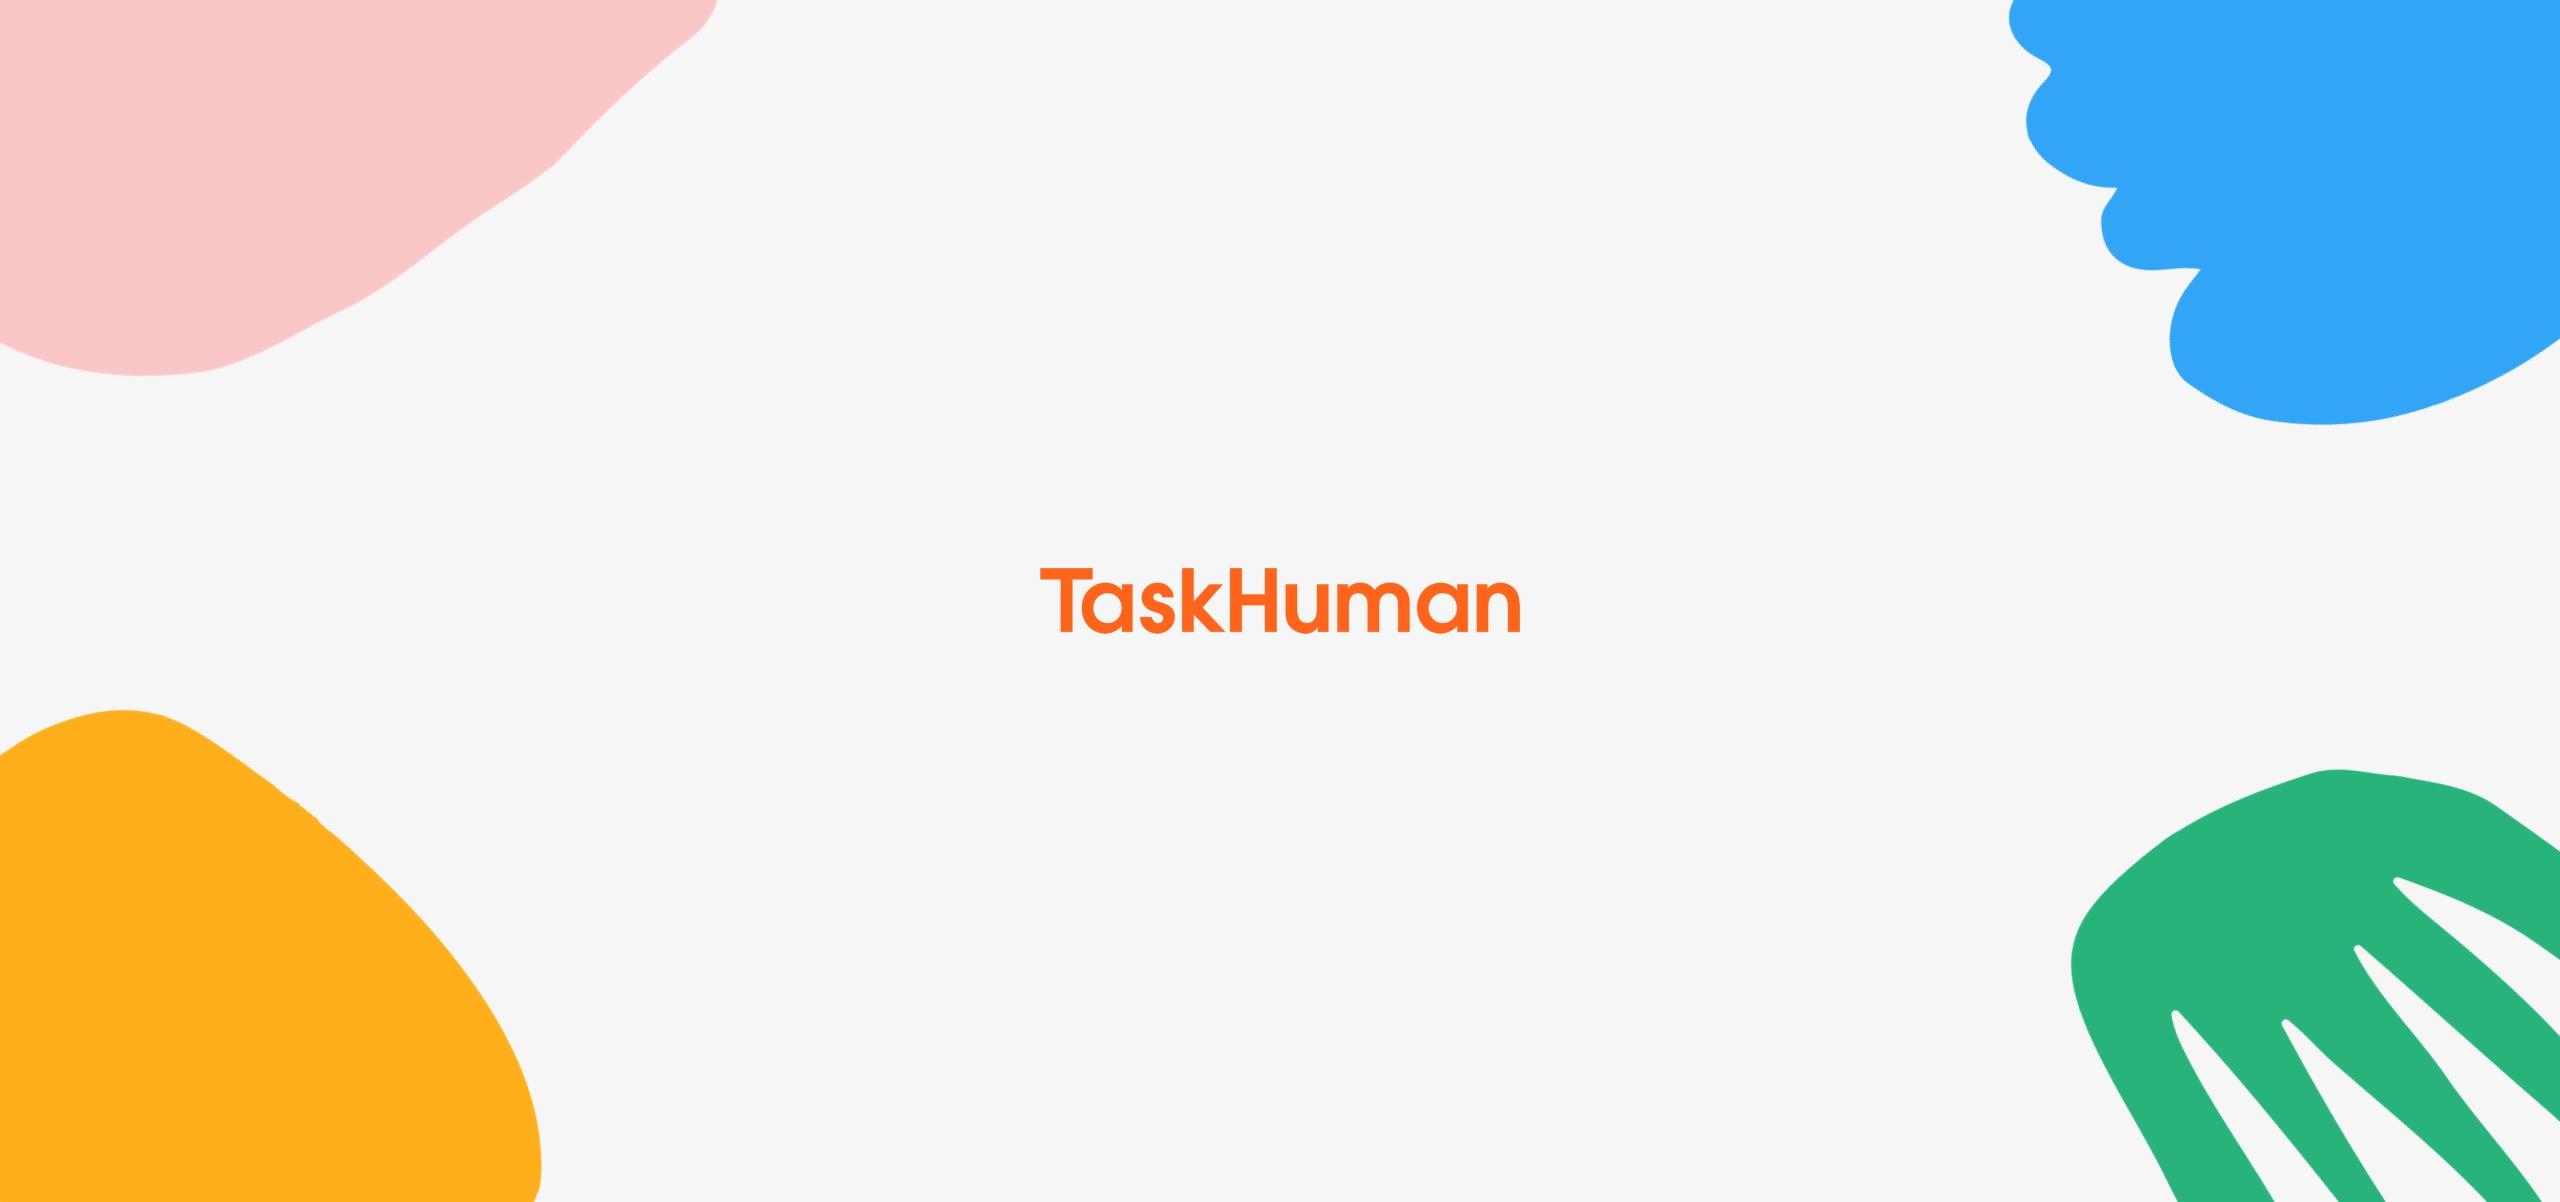 taskhuman-image-0